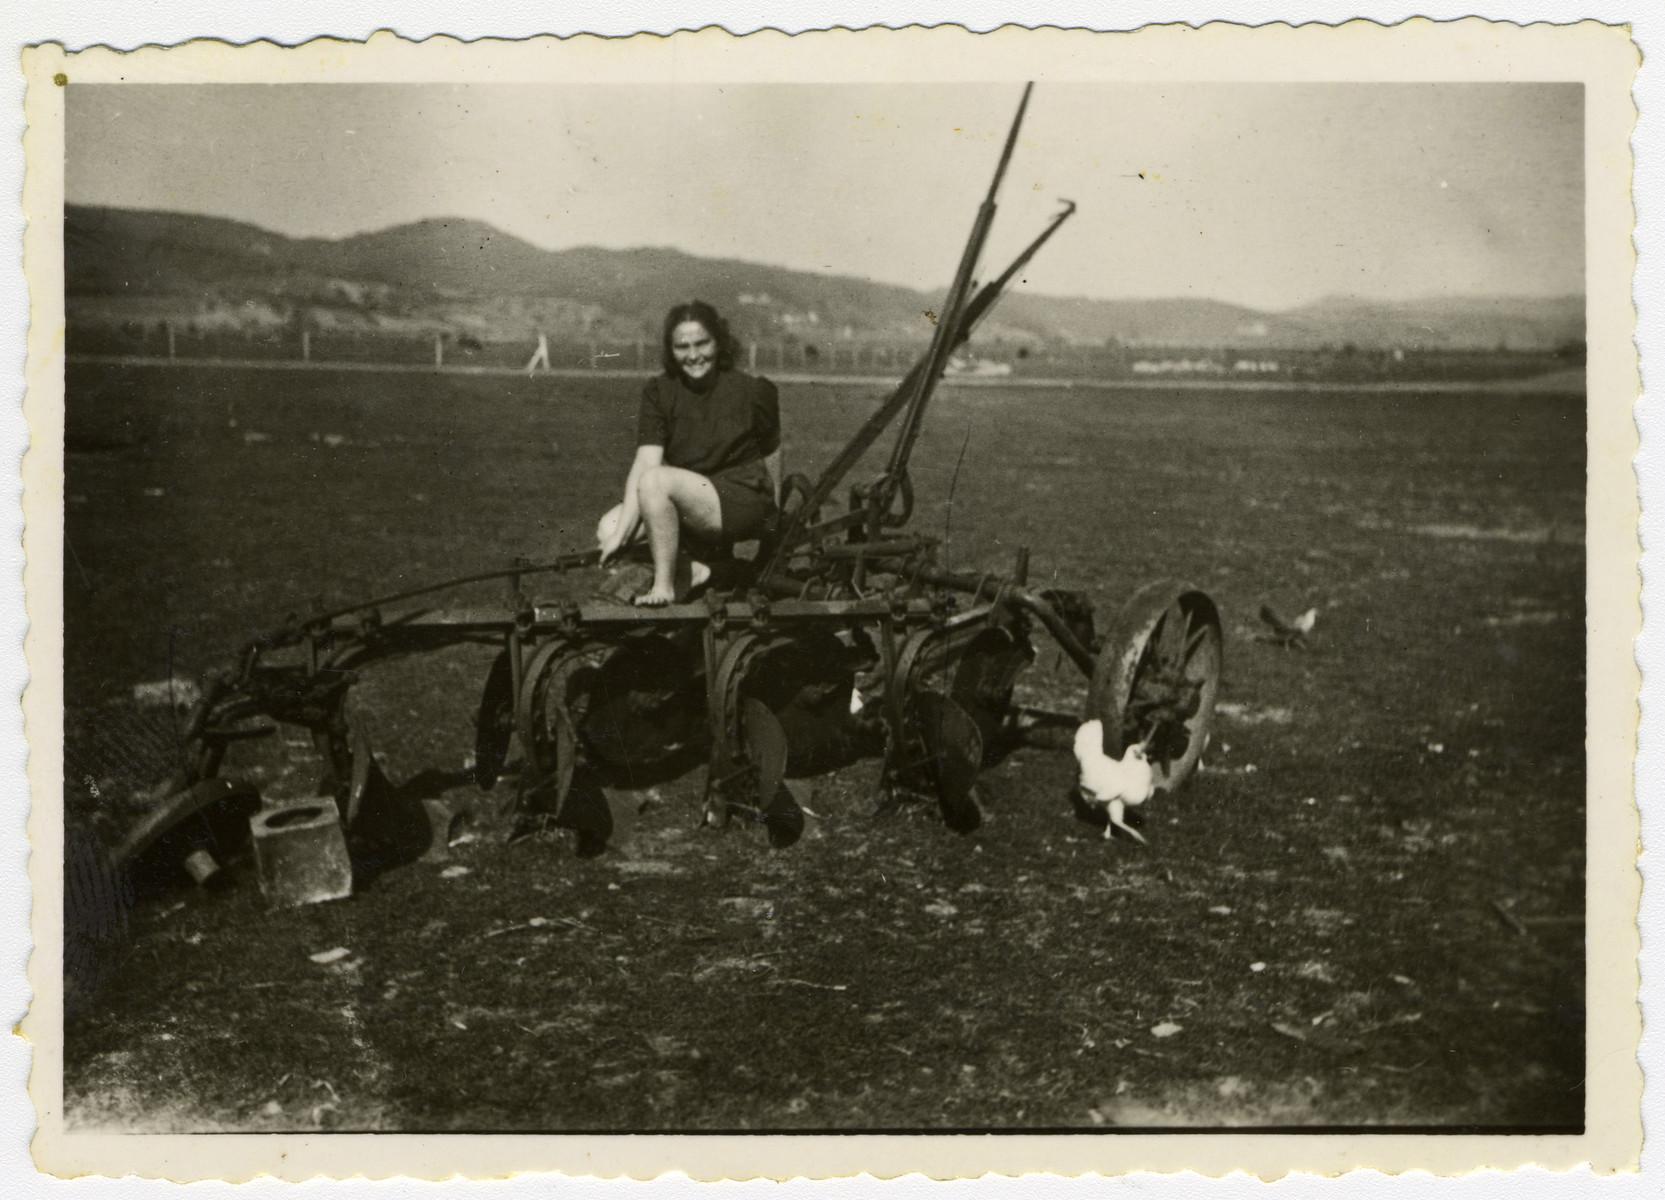 Ora Bogler plows the field at a kibbutz hachshara in Eschwege.